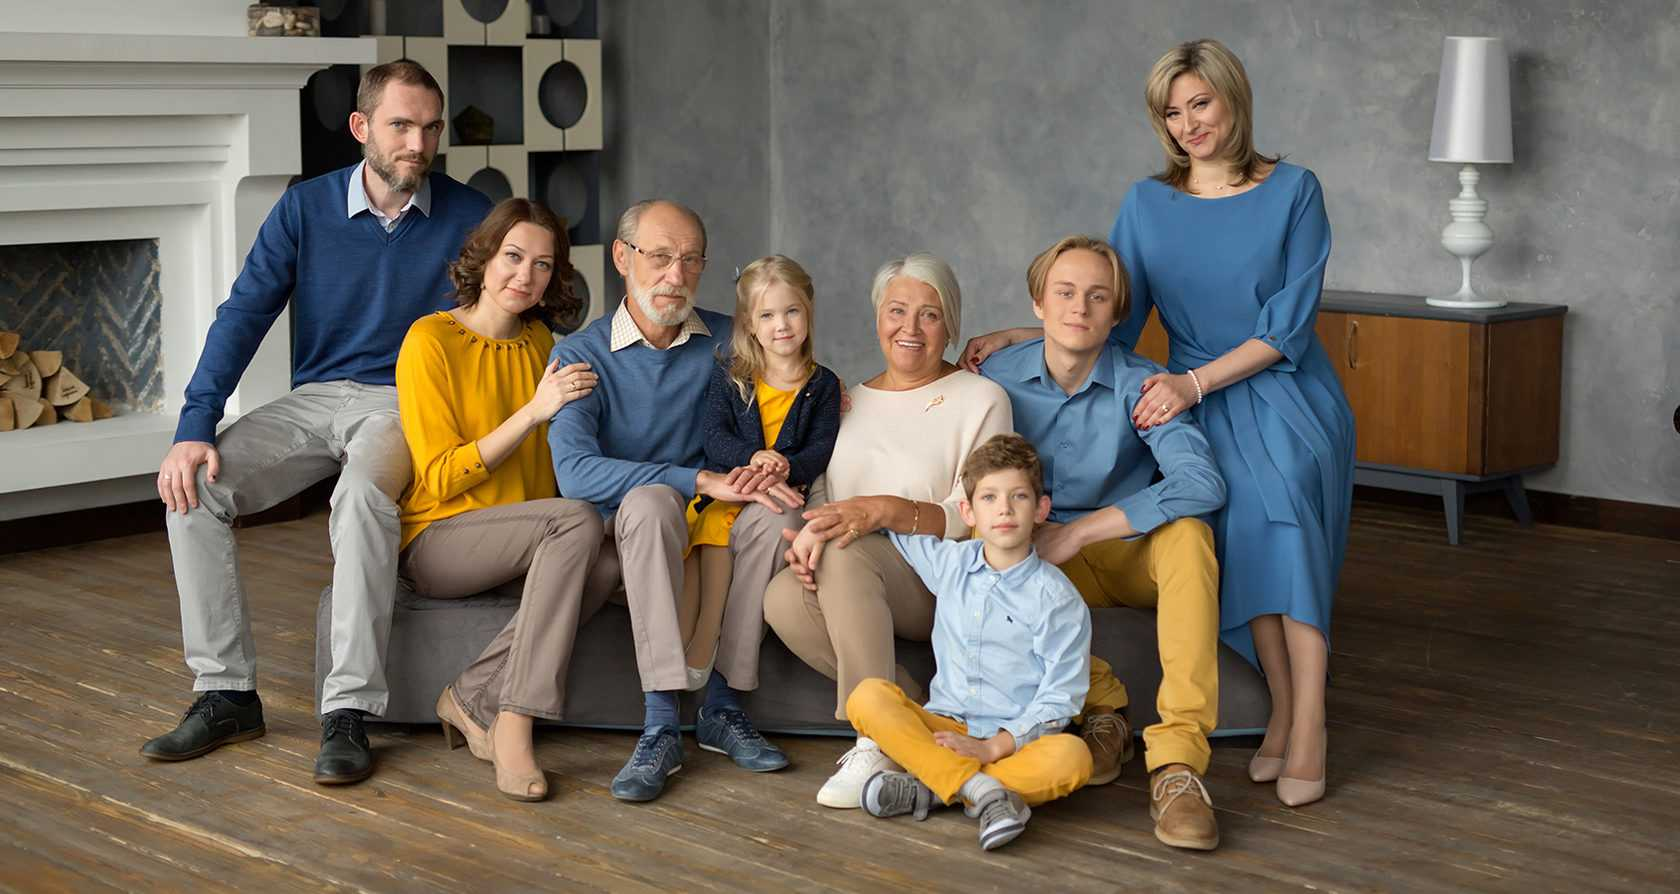 Семейные фотосессии в студии фото идеи2